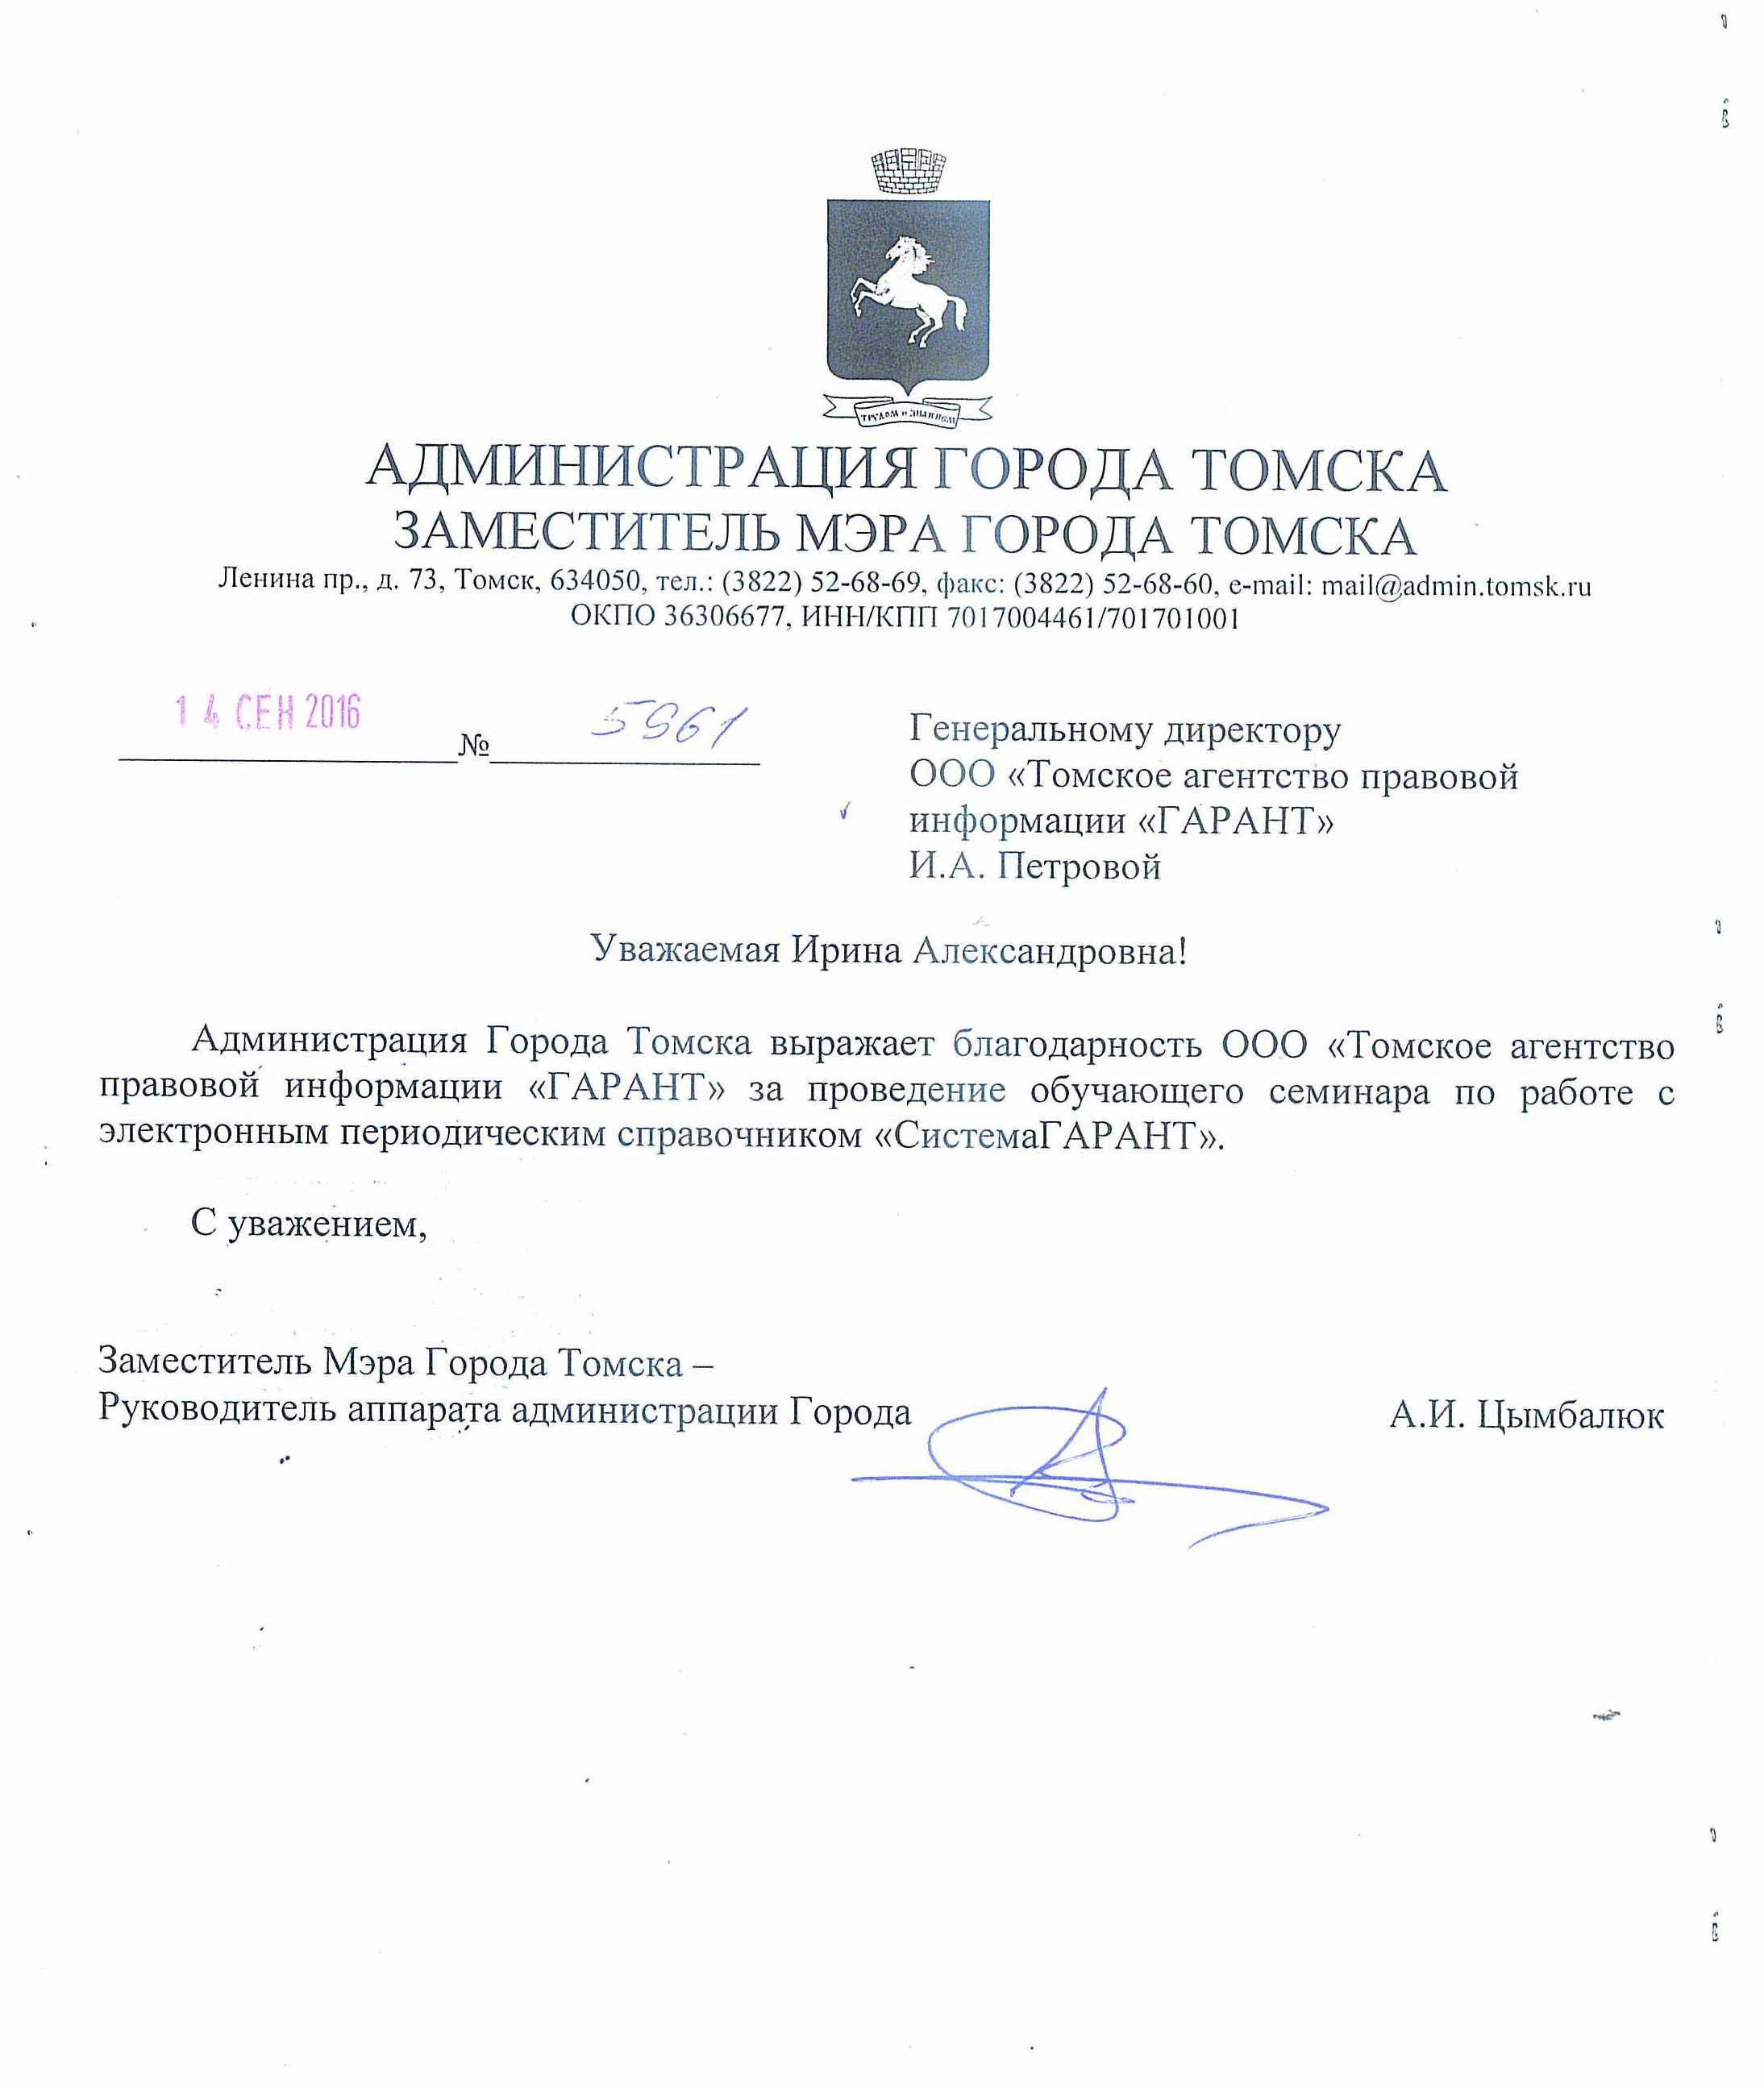 Благодарность от Администрации города Томска компании Гарант